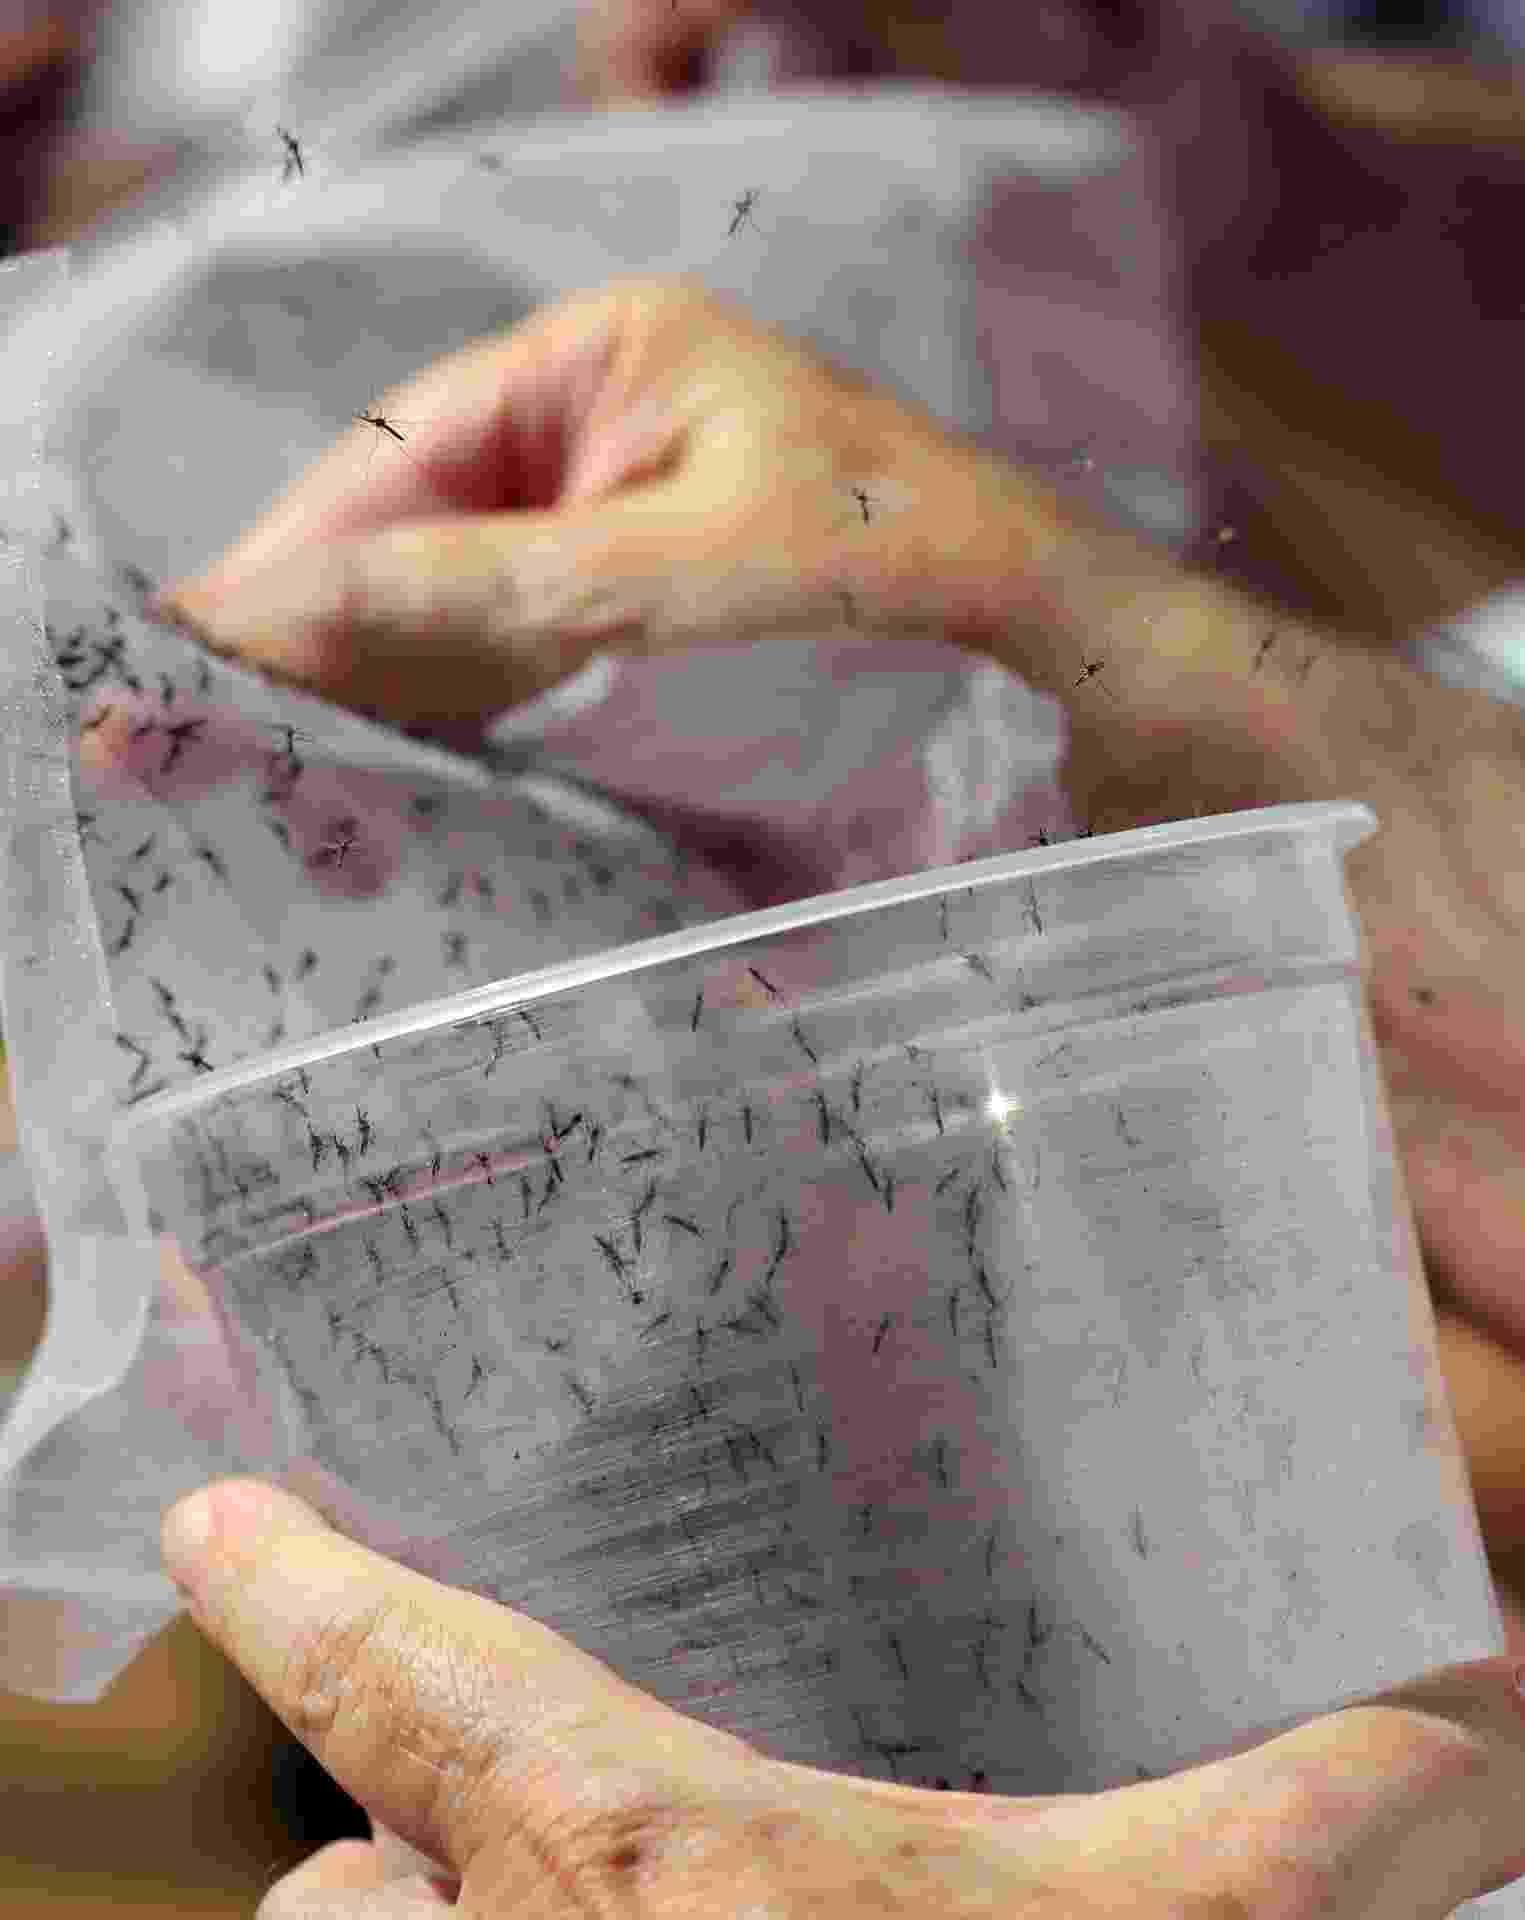 30.abr.2015 - Funcionários liberam mosquitos Aedes aegypti geneticamente modificados em Piracicaba, interior de São Paulo, nesta quinta-feira (30). A empresa britânica de biotecnologia Oxitec criou em seu laboratório machos geneticamente modificados do mosquito transmissor da dengue, com um gene que não permite a reprodução. O Brasil já soma mais de 460 mil casos da doença este ano, de acordo com o Ministério da Saúde - Paulo Whitaker/Reuters